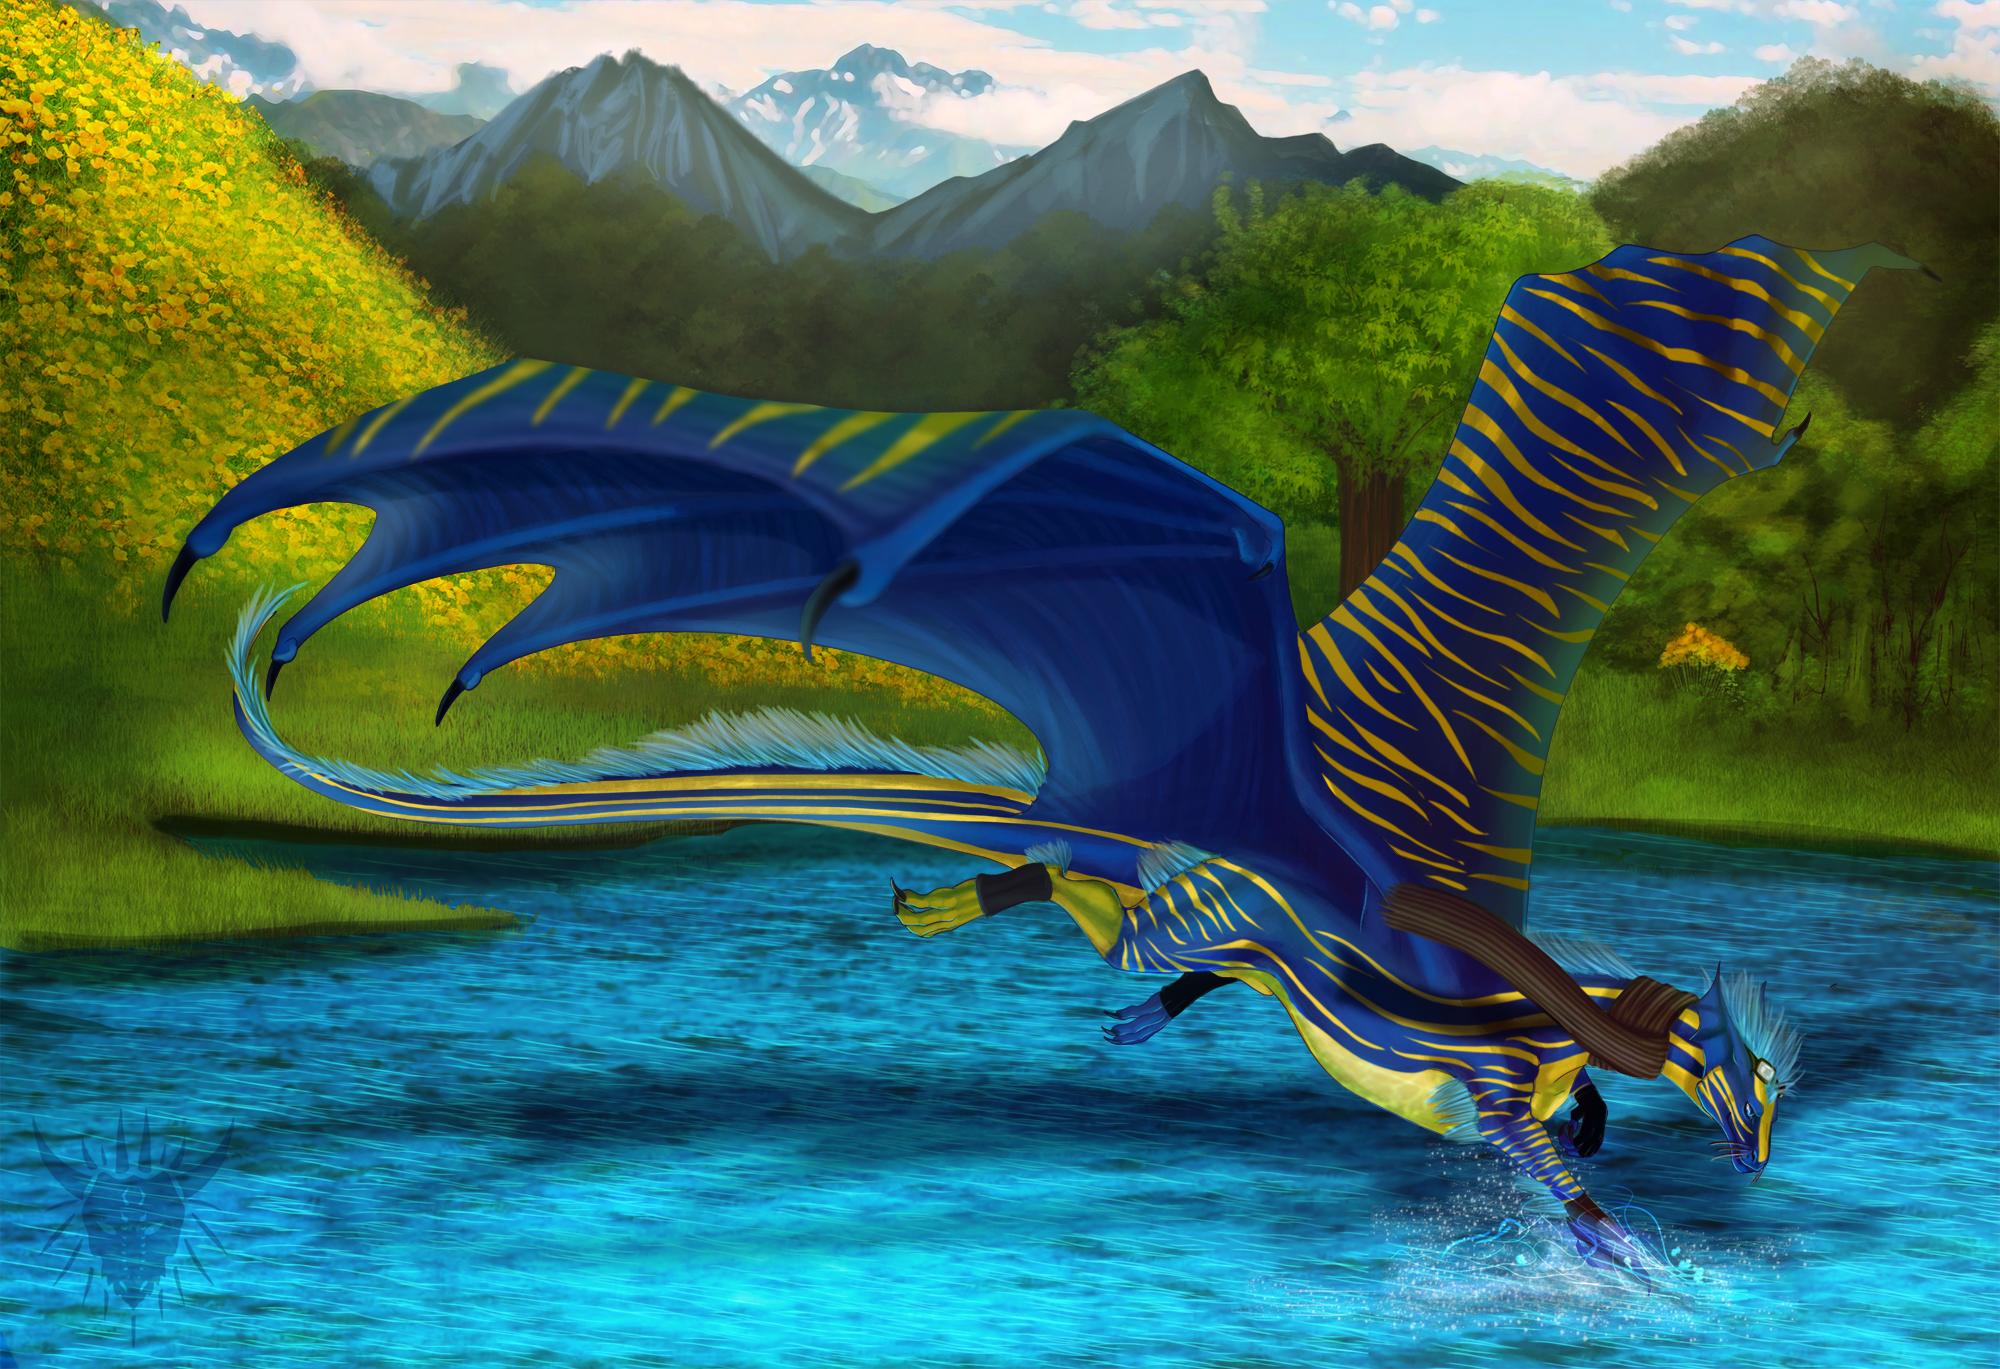 Blue by Galidor-Dragon